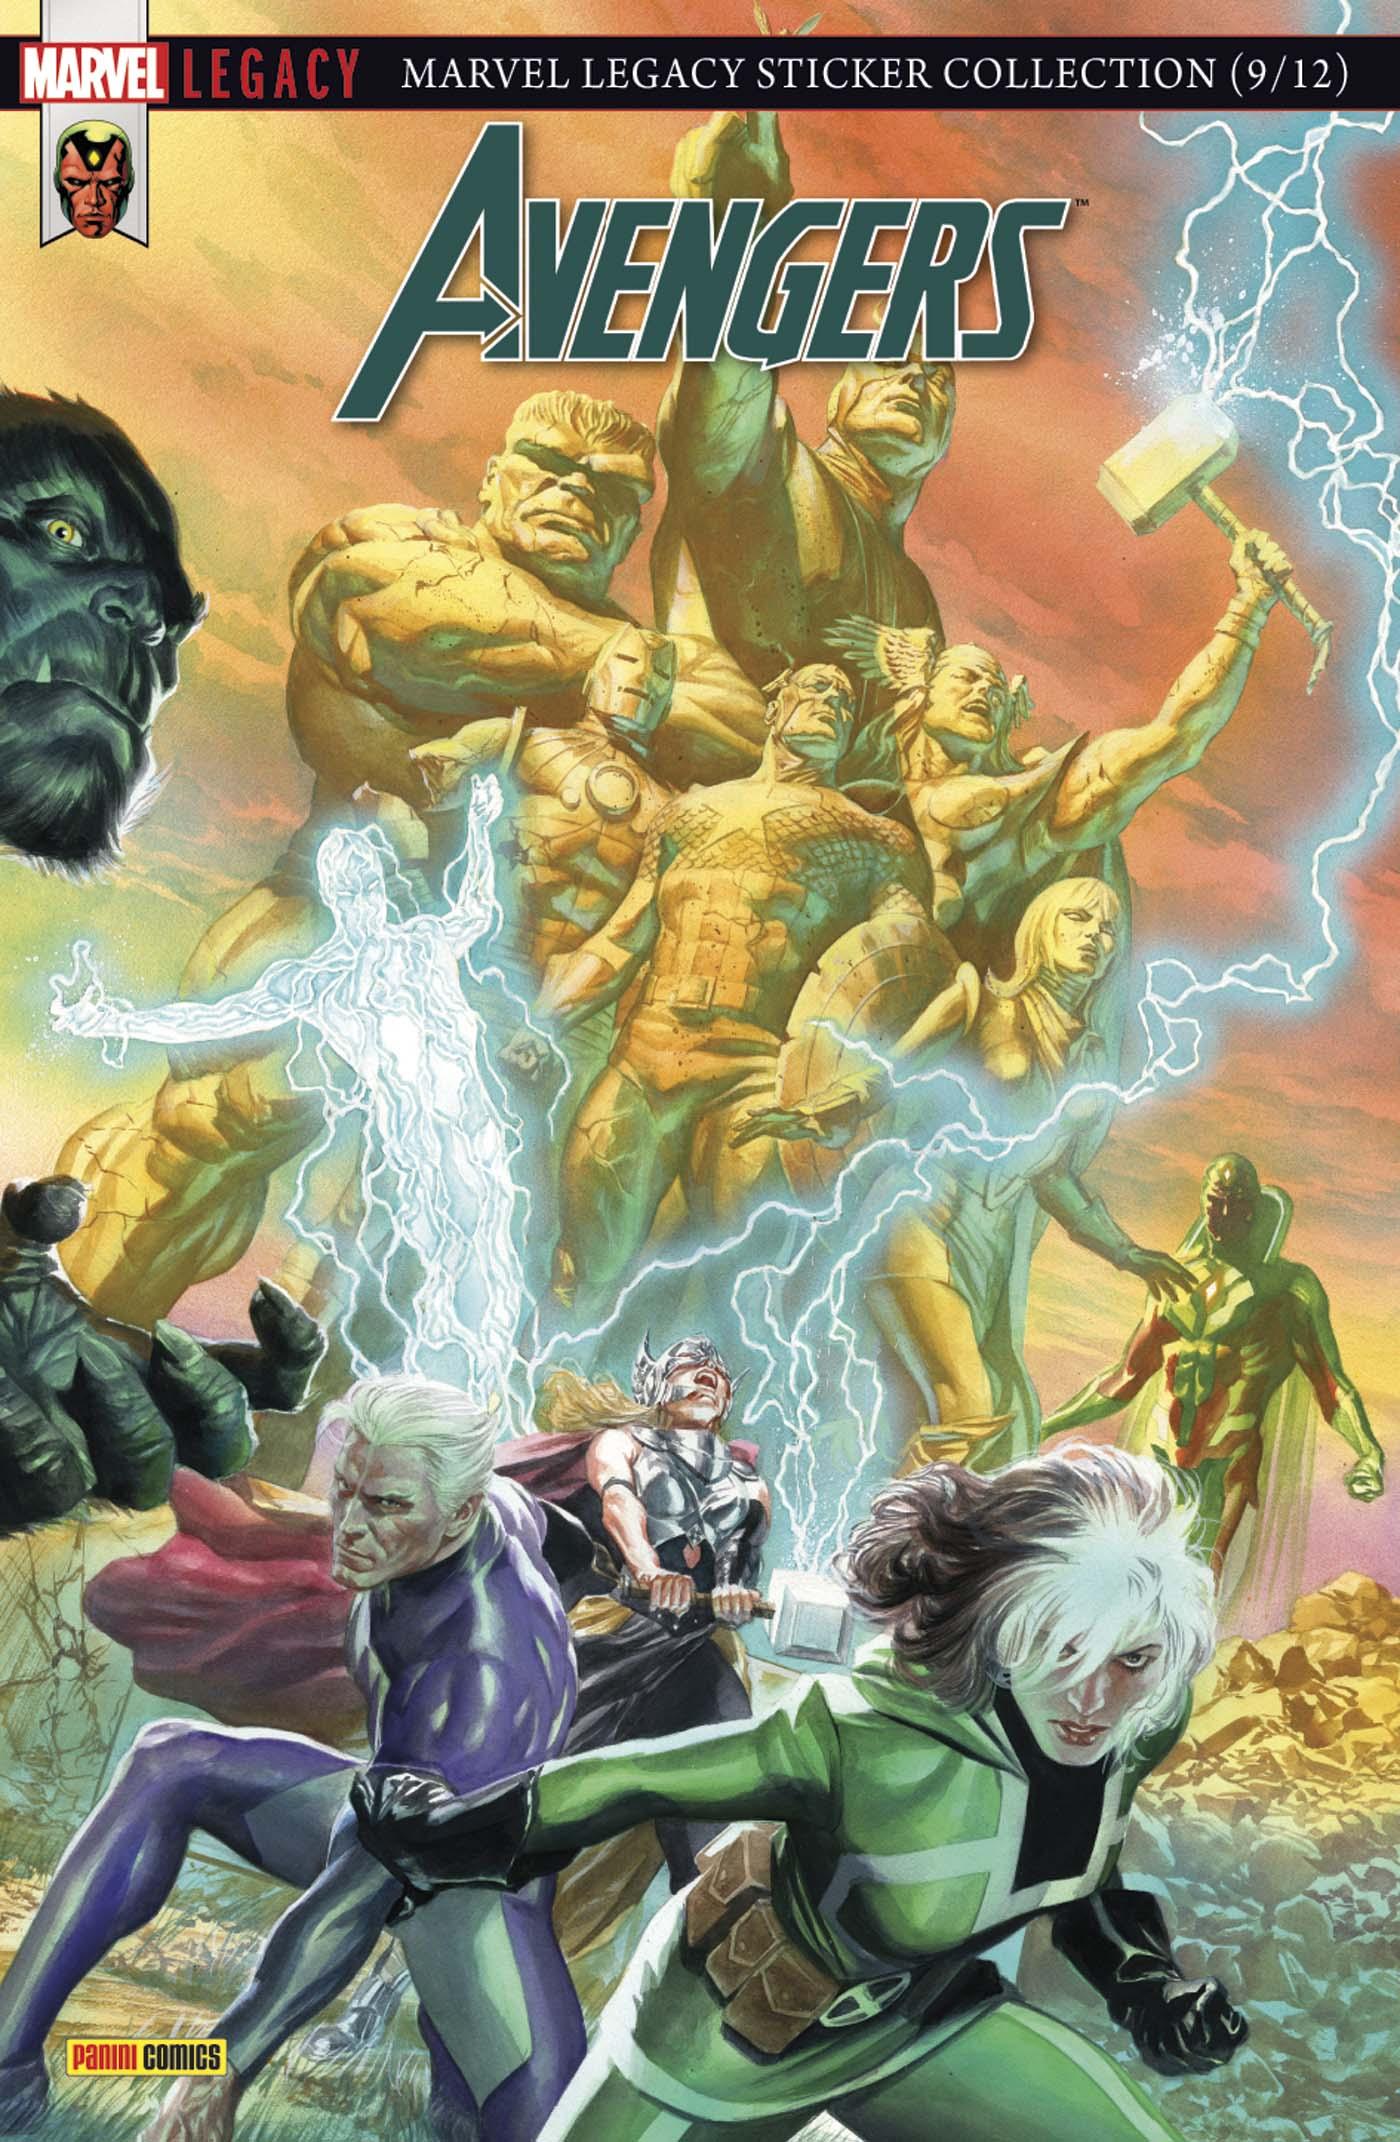 Marvel Legacy - Avengers 3